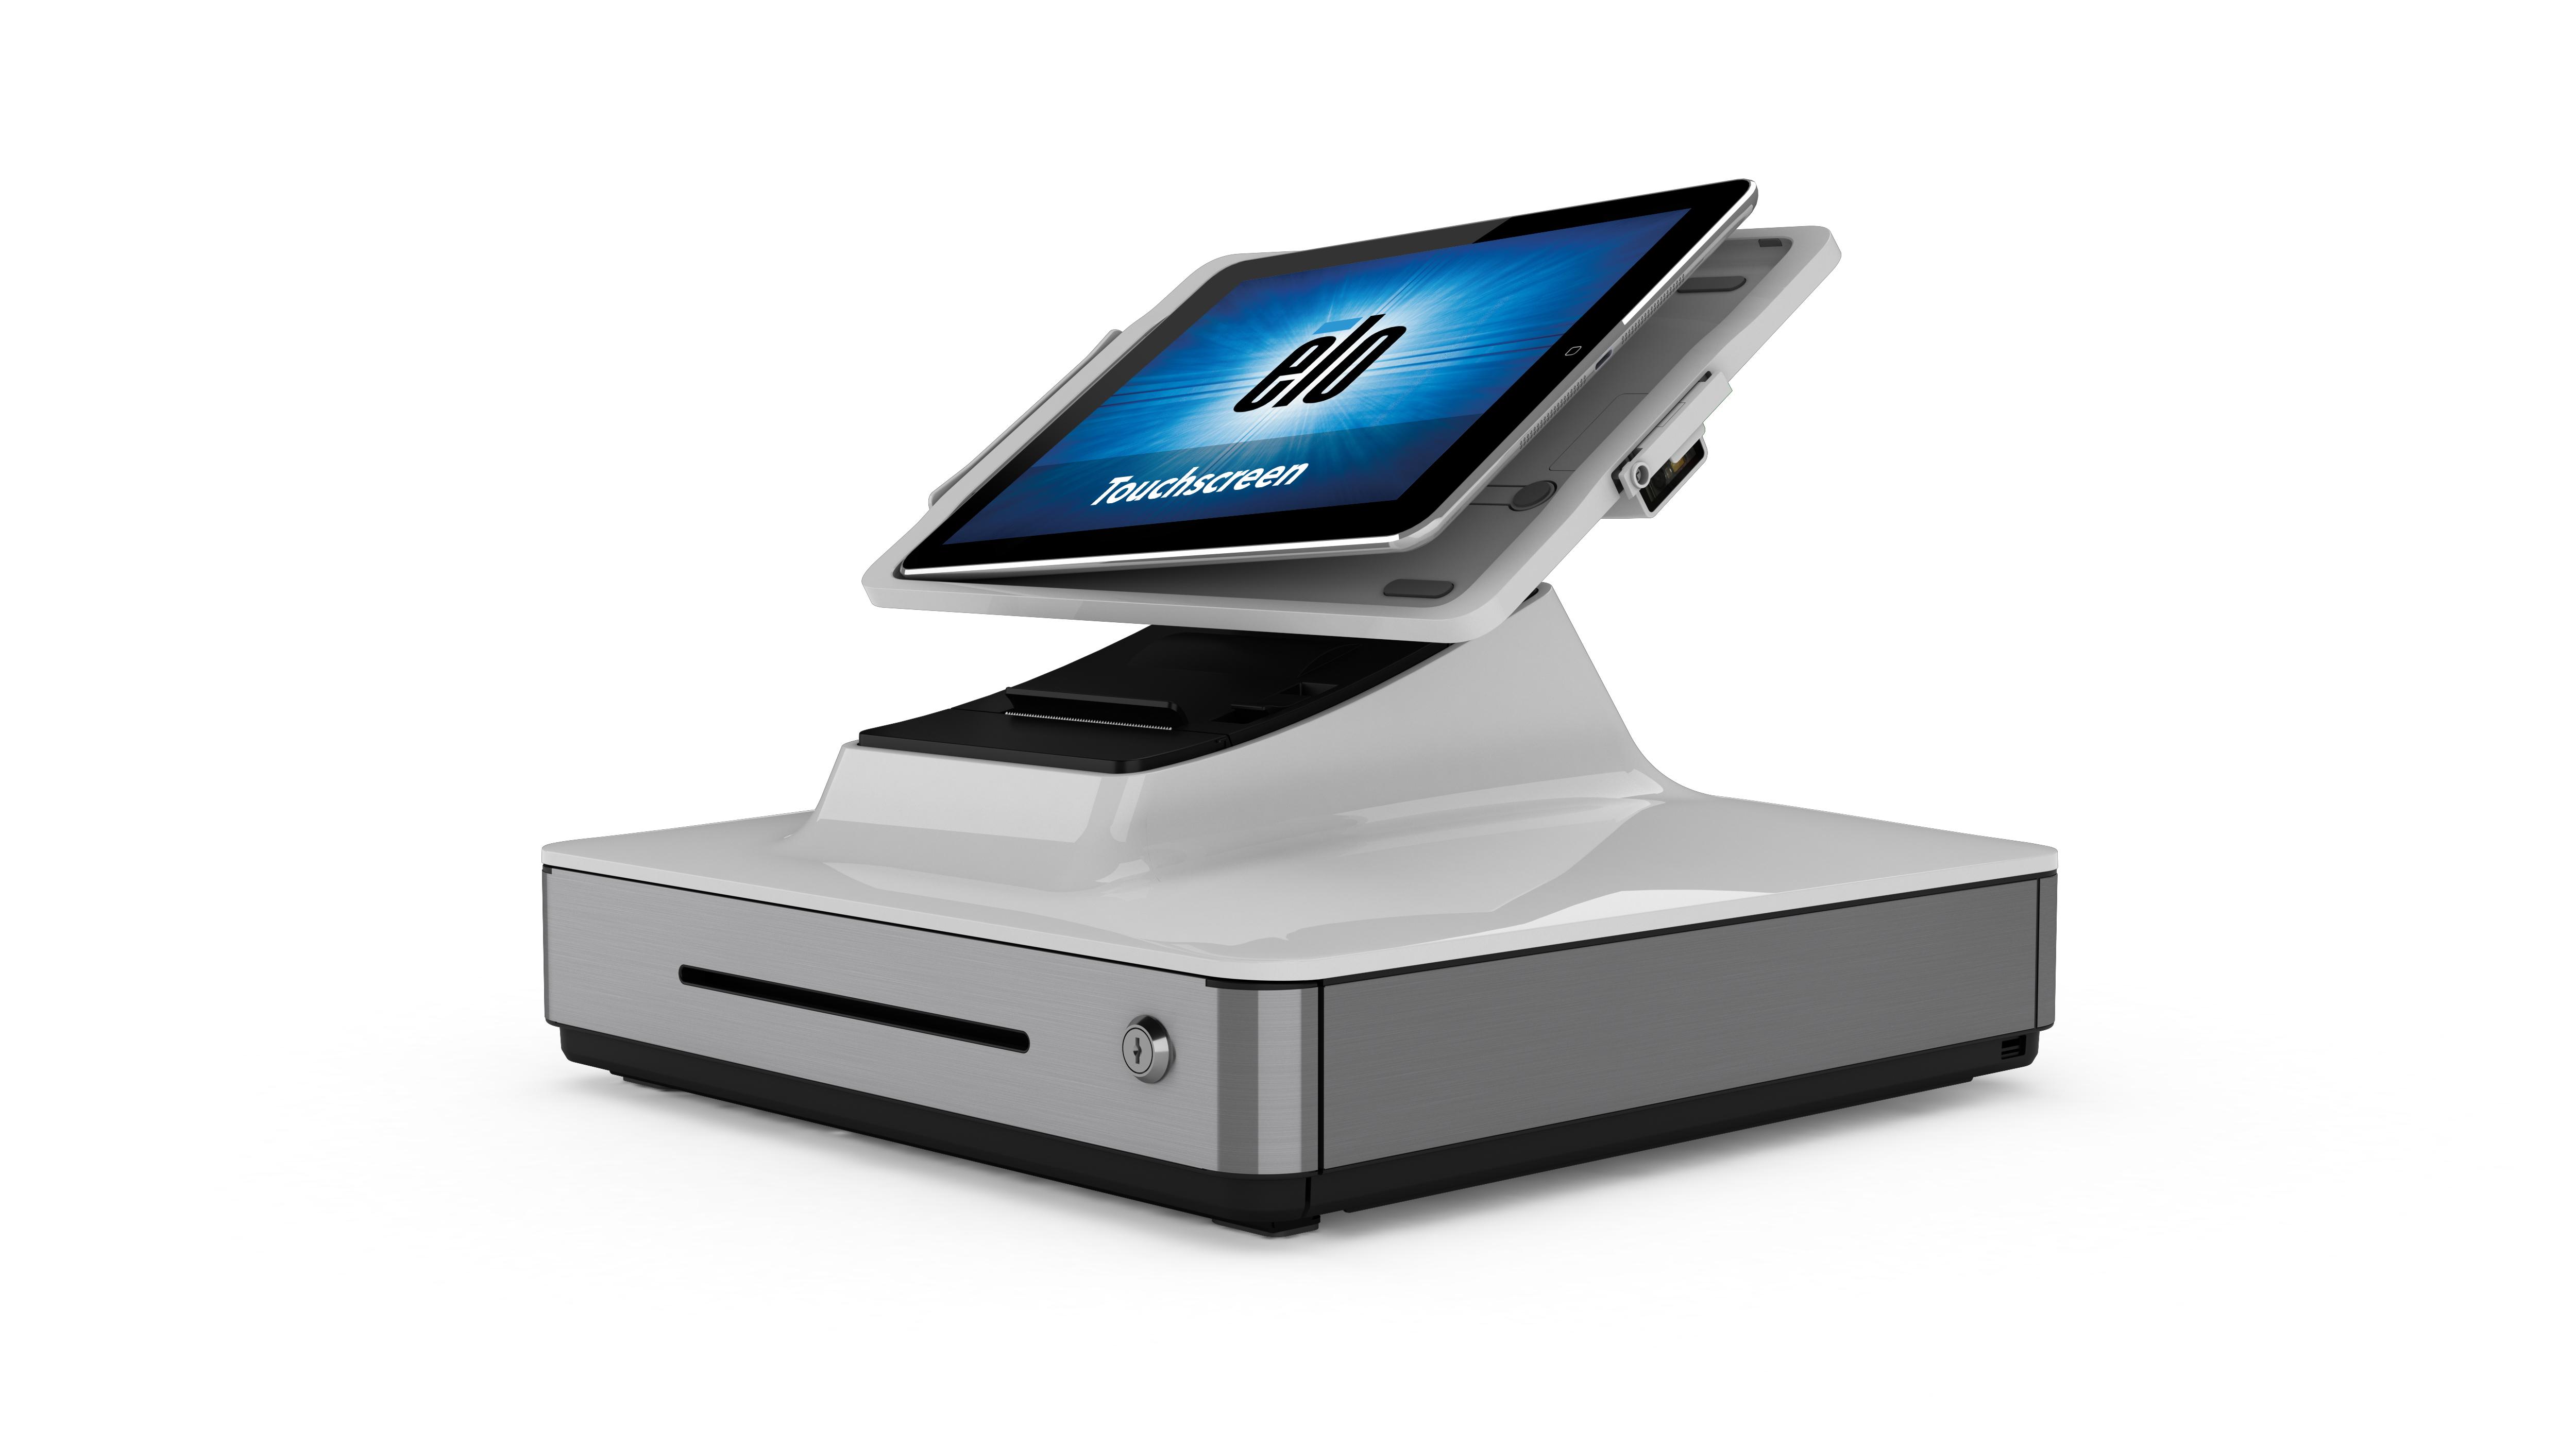 PP2_iPad_Left_iPad_placed-in_iPad-pro